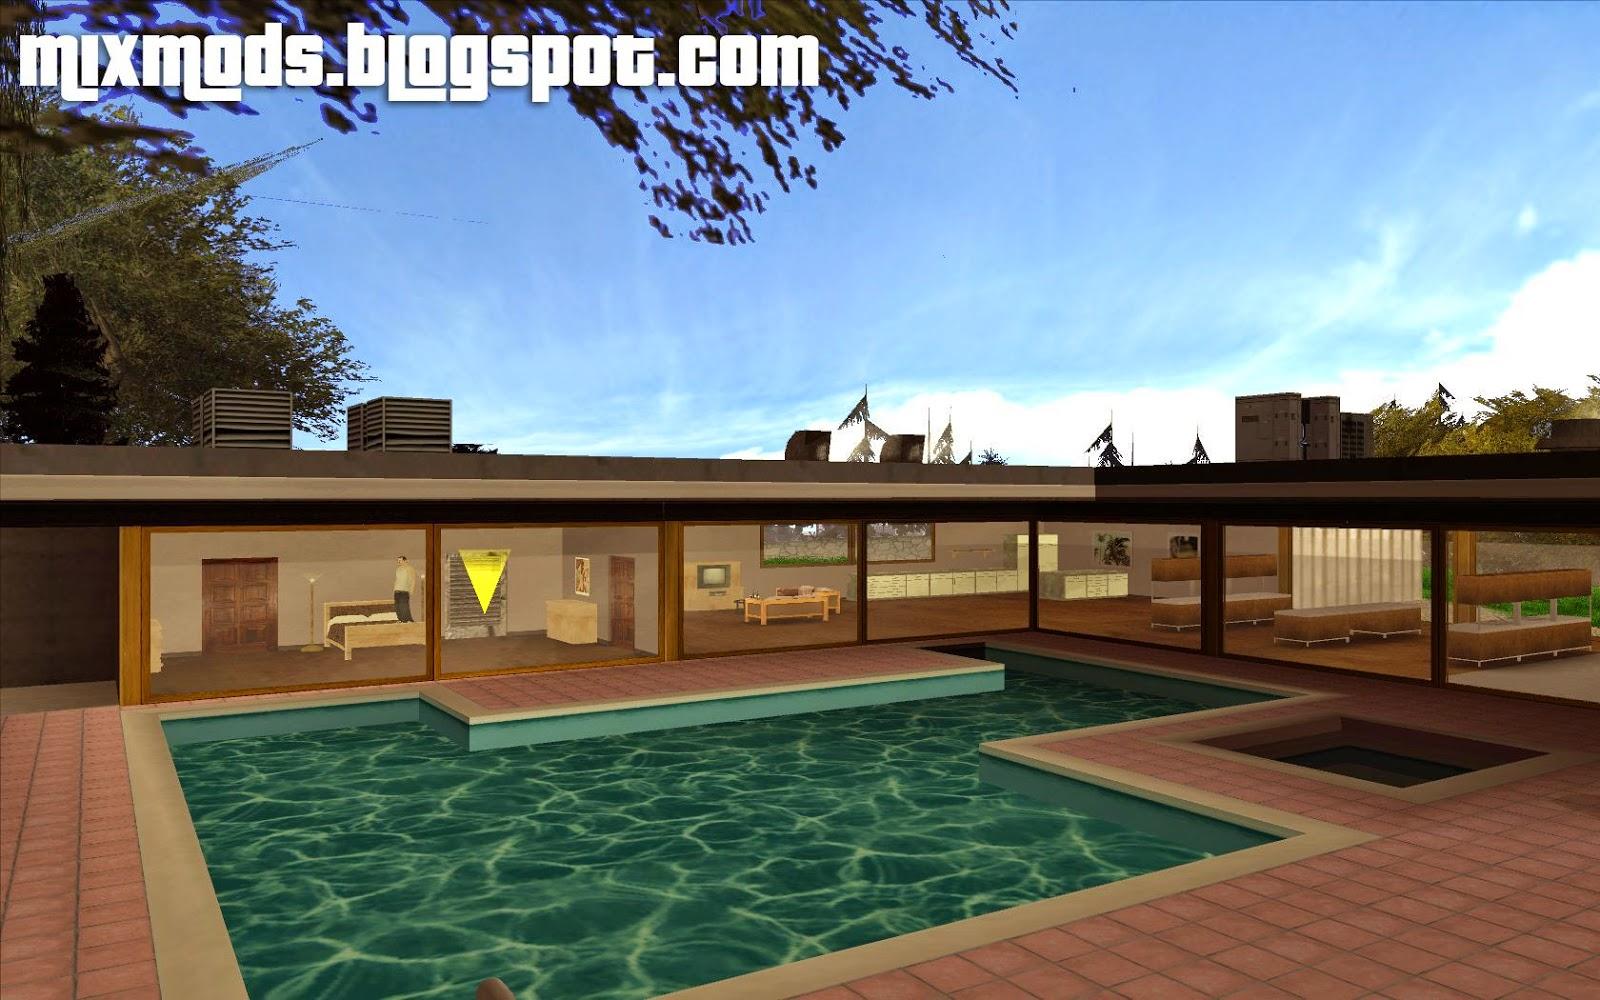 Beta mulholland safehouse casa das colinas mixmods for Casa moderna gta sa